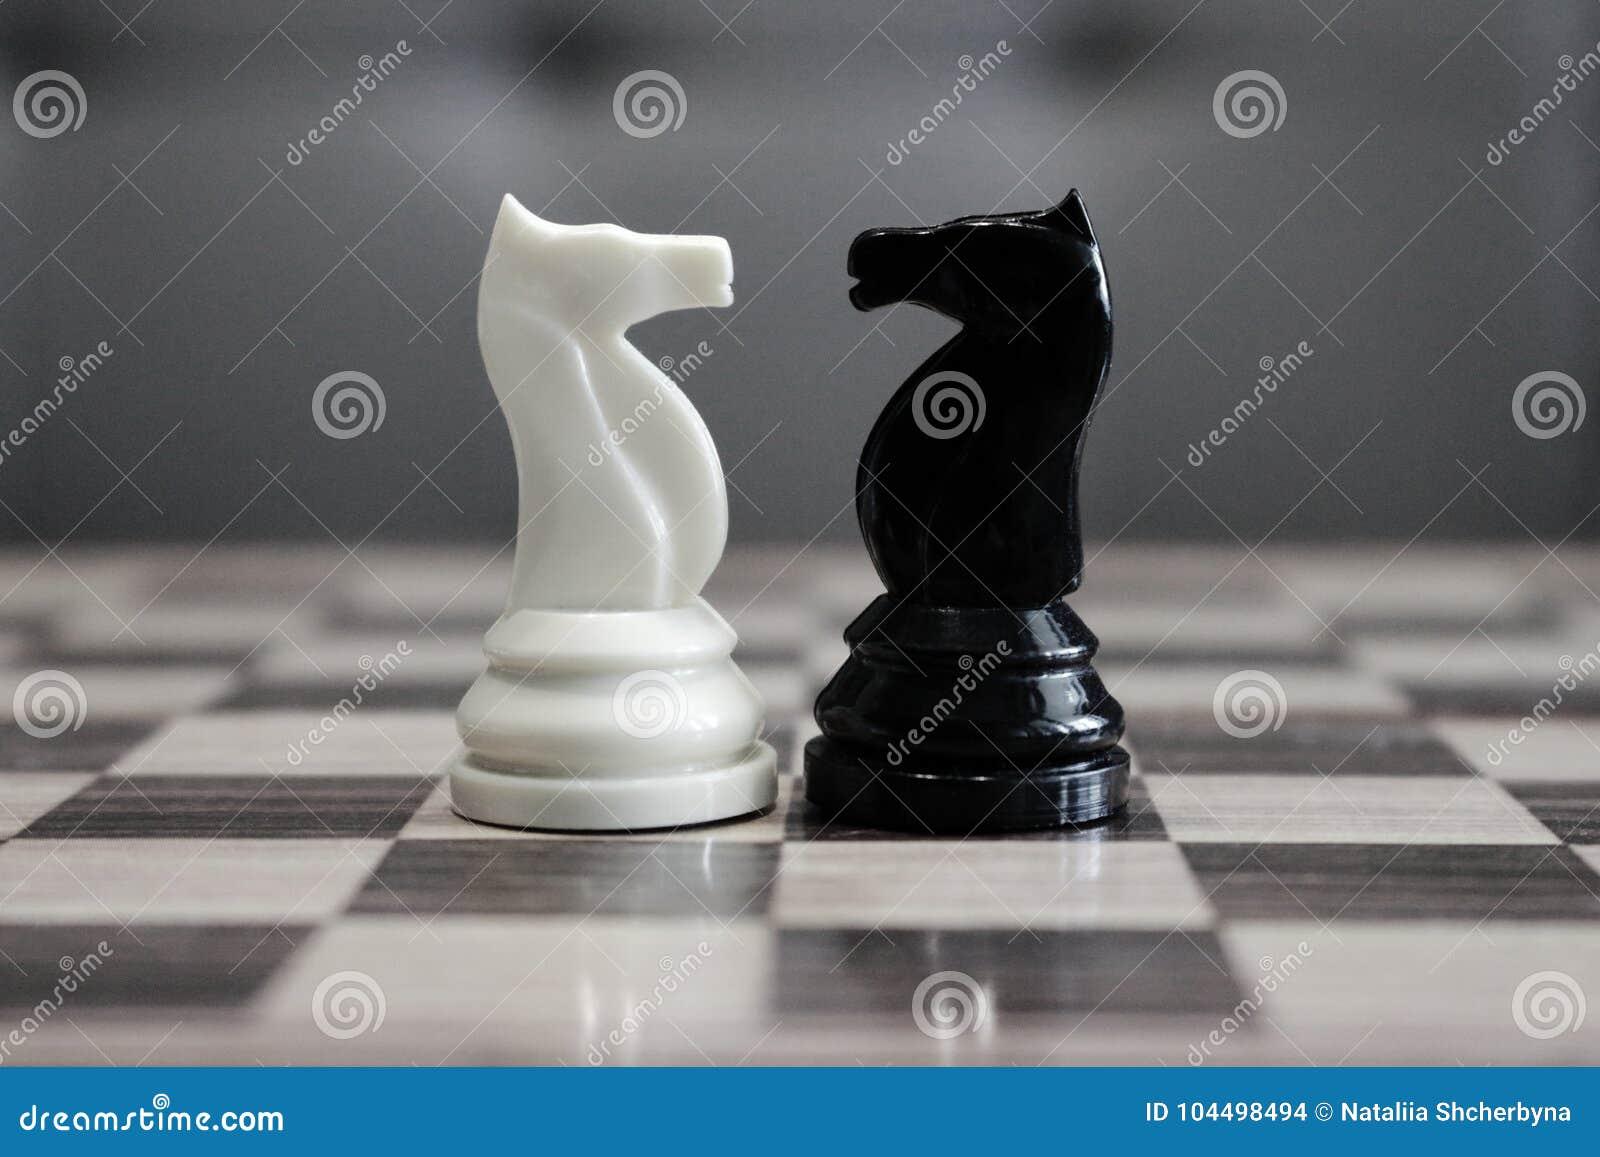 Cavalos preto e branco da xadrez na frente de se como o conceito do desafio e da competição